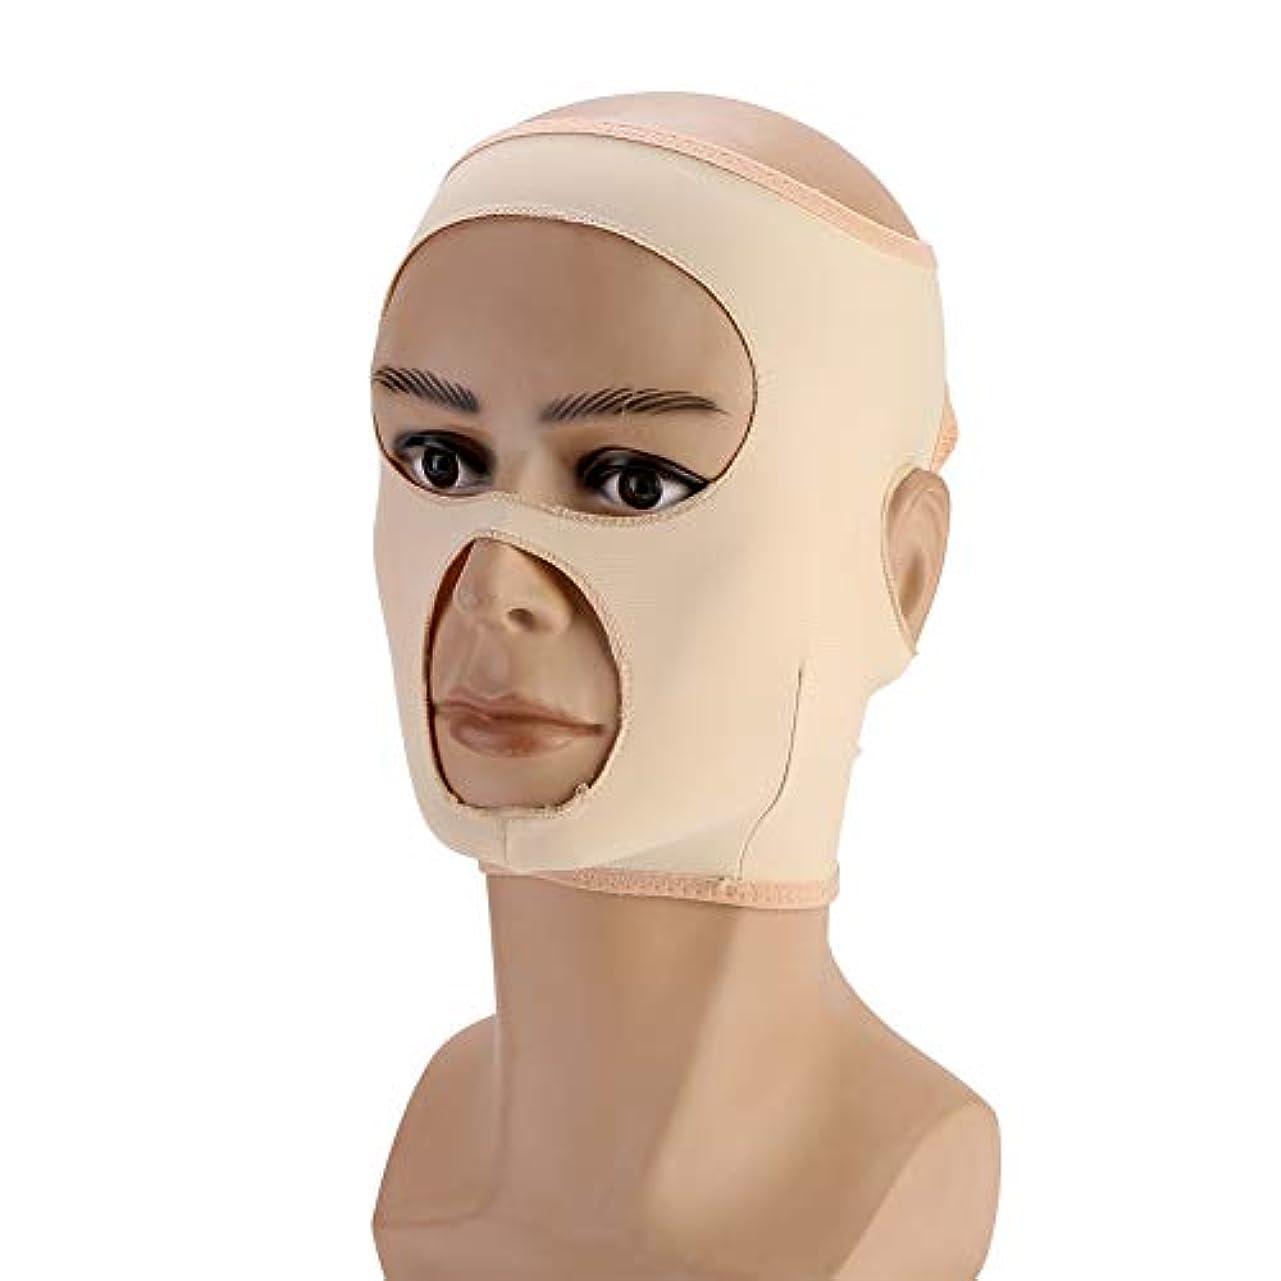 呪われたピカリング万歳フェイスケア用フェイシャルスリミングマスクフェイシャルケア用フェイシャルスリミングマスクダブルフェイスリフト(M)